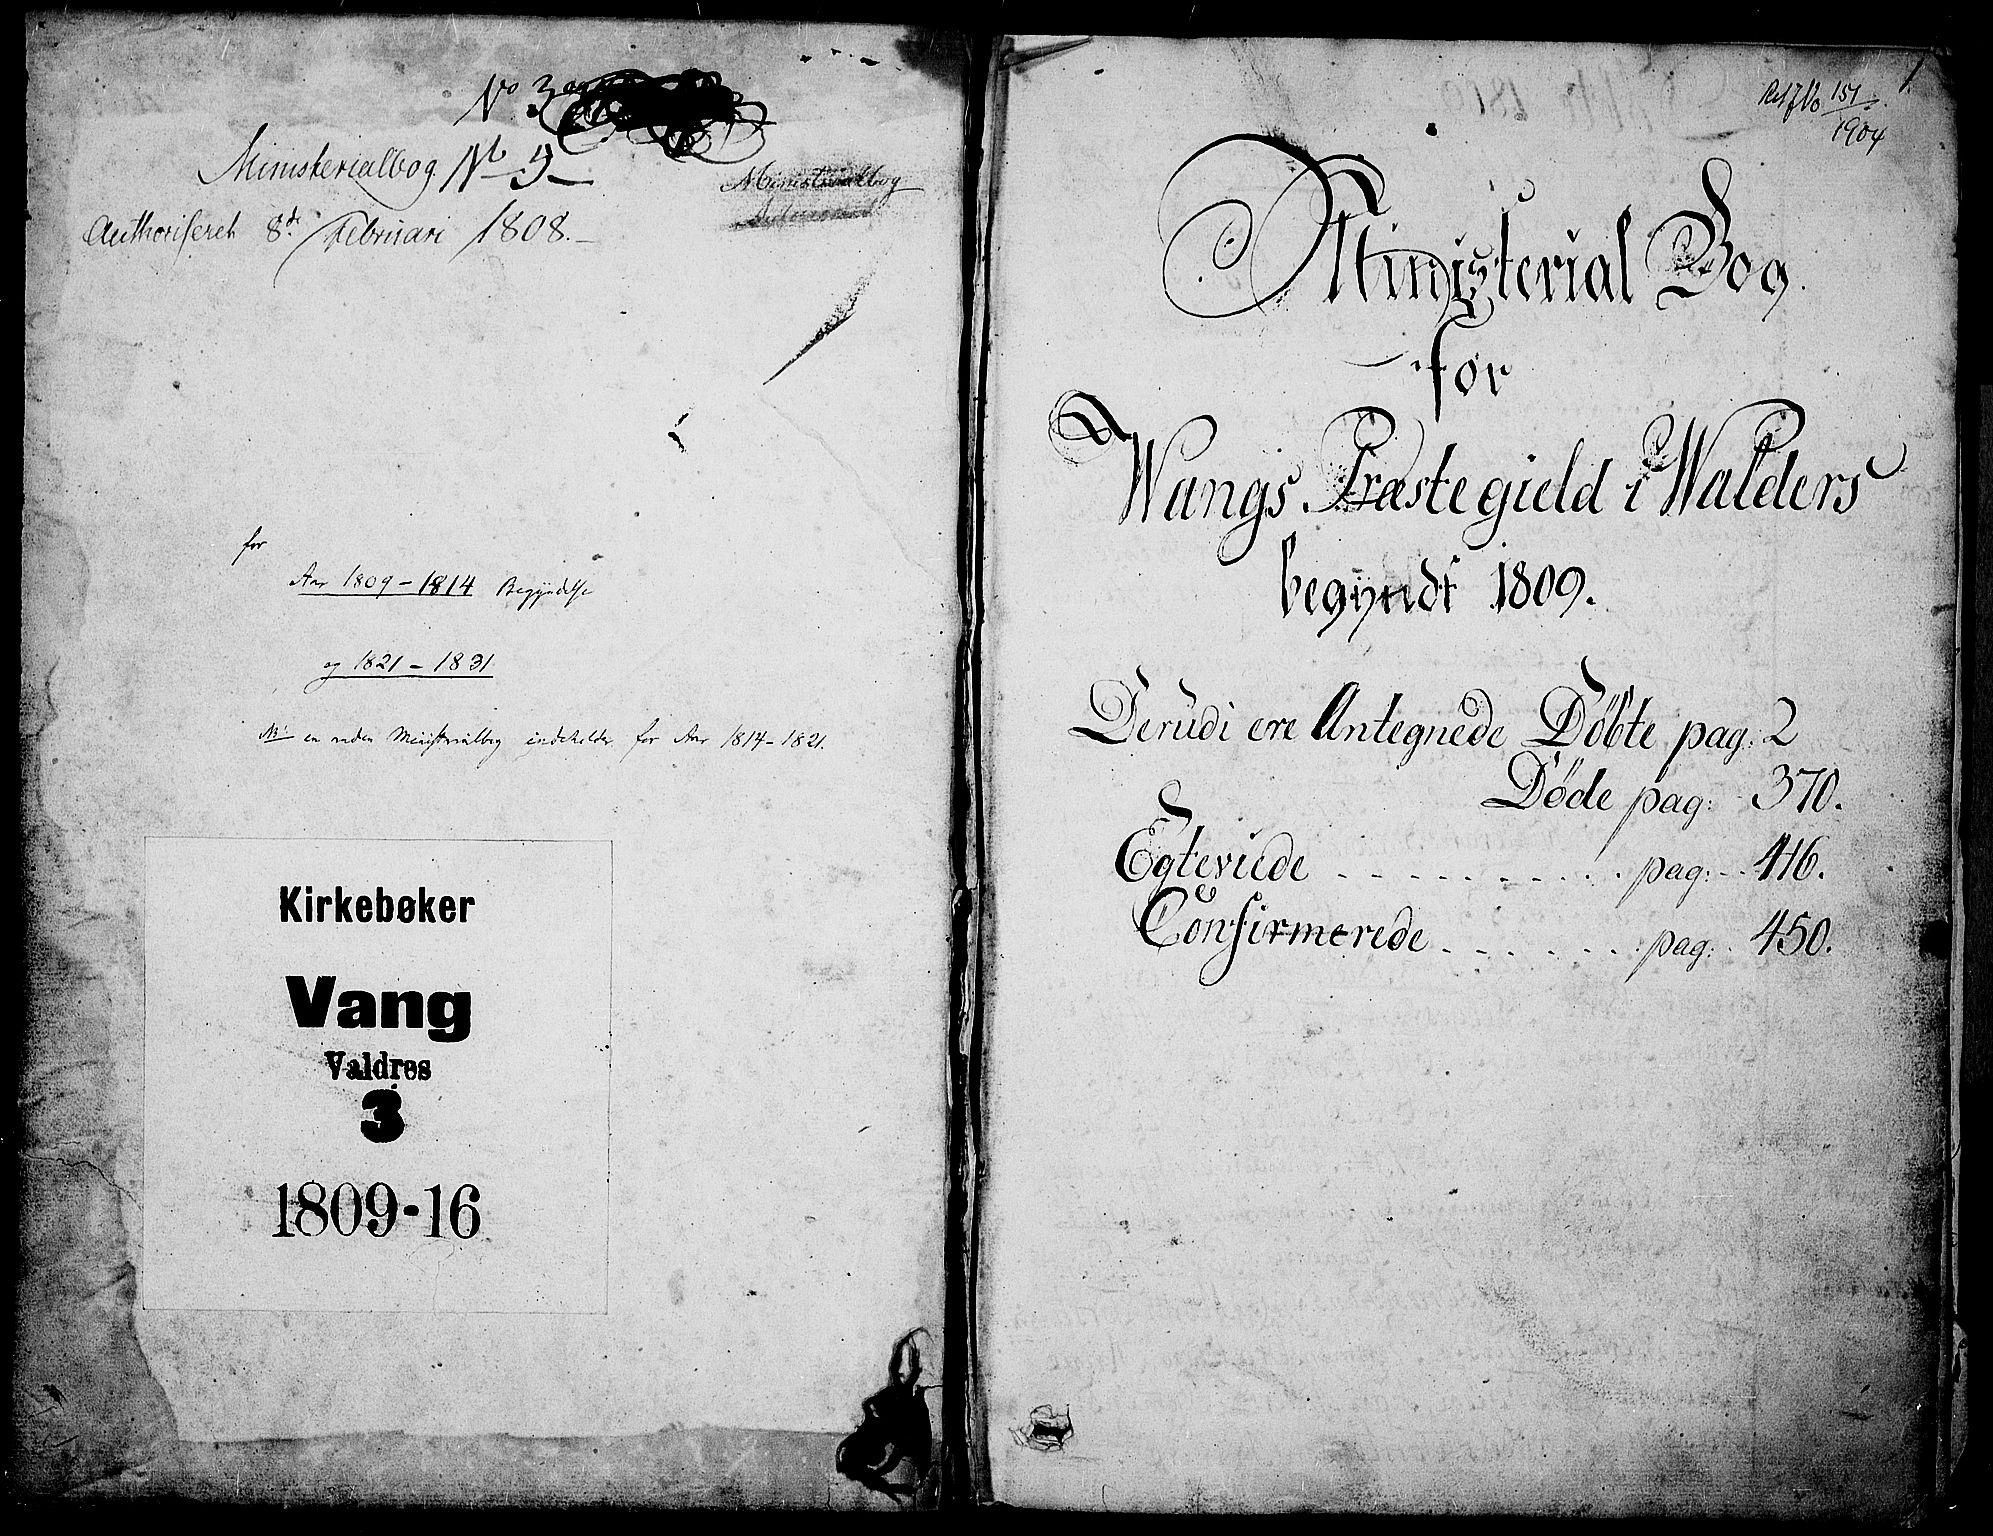 SAH, Vang prestekontor, Valdres, Ministerialbok nr. 3, 1809-1831, s. 0-1